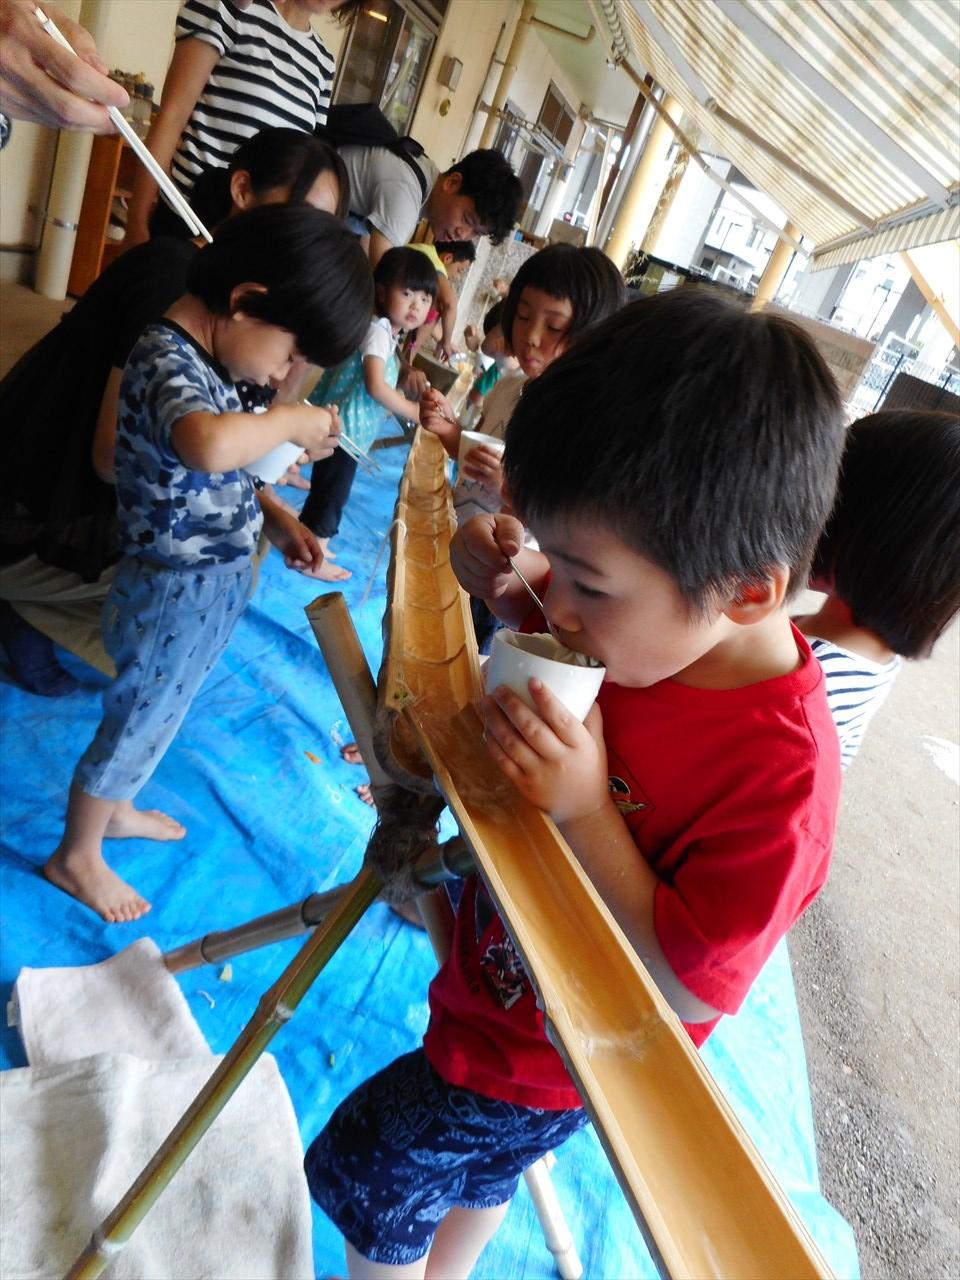 みんな楽しみにしていた、流しソーメン!!今年で6回目の流しソーメンなので、竹の台も職員の知恵と力で見事な仕上がりになりました。